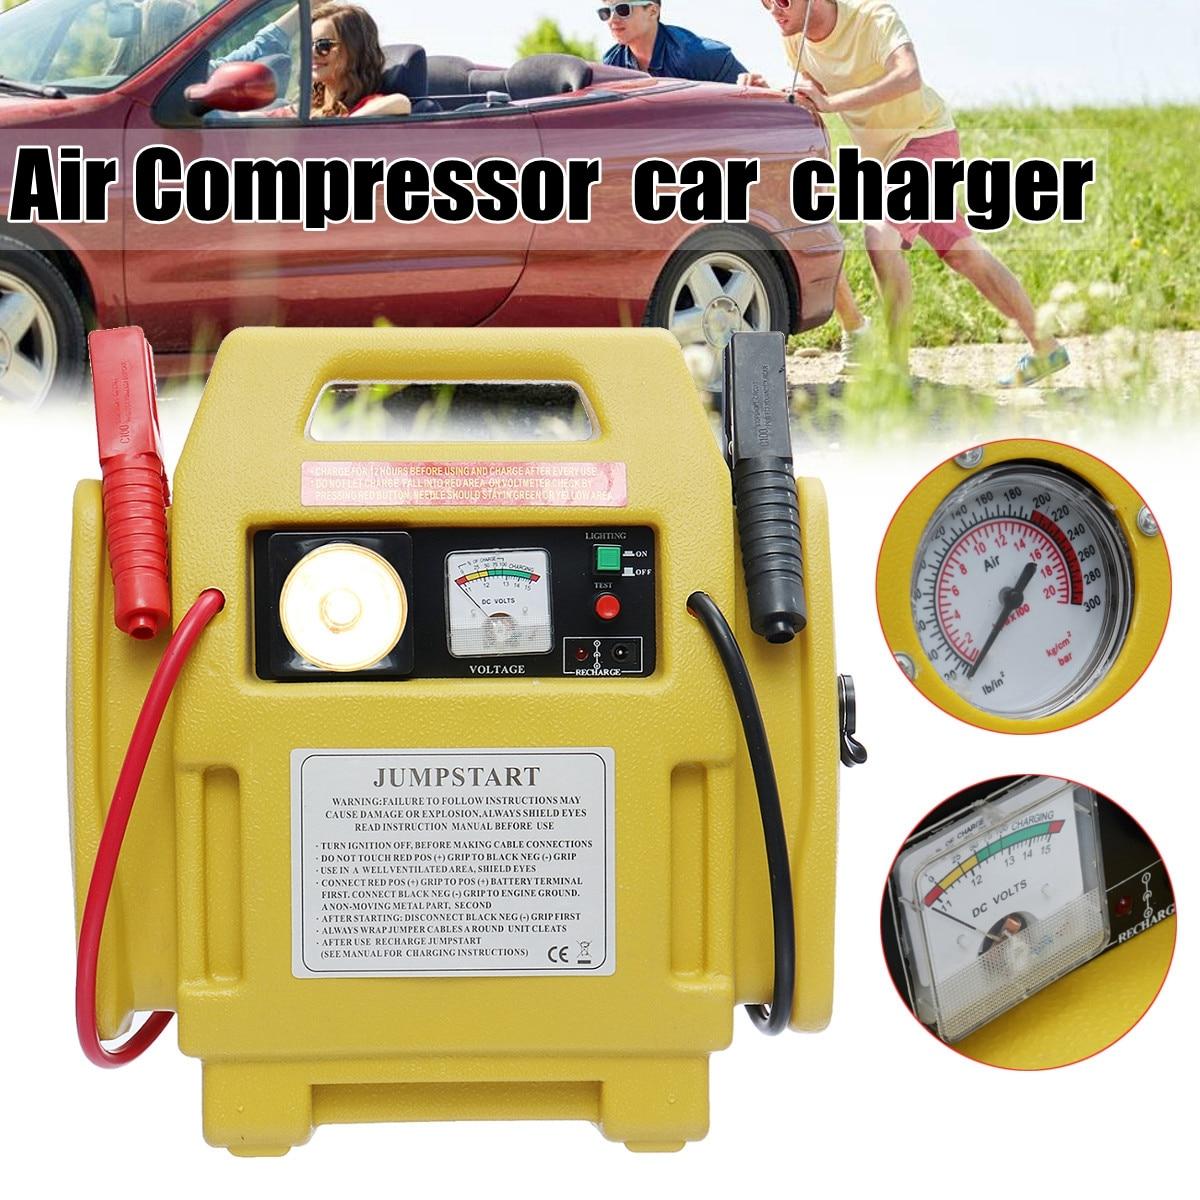 Portatile 12 v Auto Salto di Avviamento Della Batteria di Inizio Del Caricatore Cavi Compressore D'aria